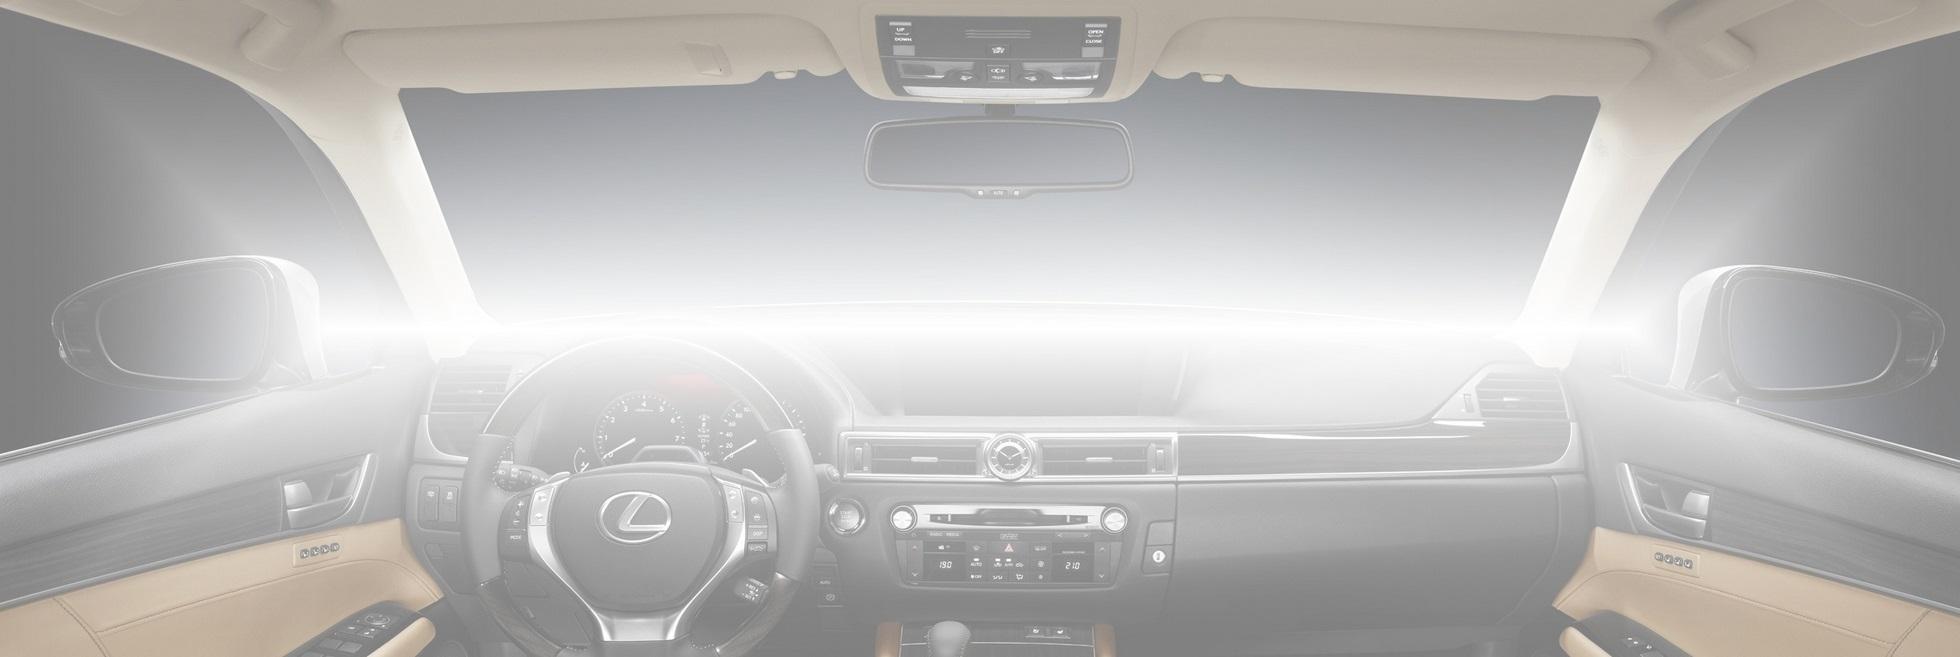 voiture-lexus-gs-450-h-interieur - Copie